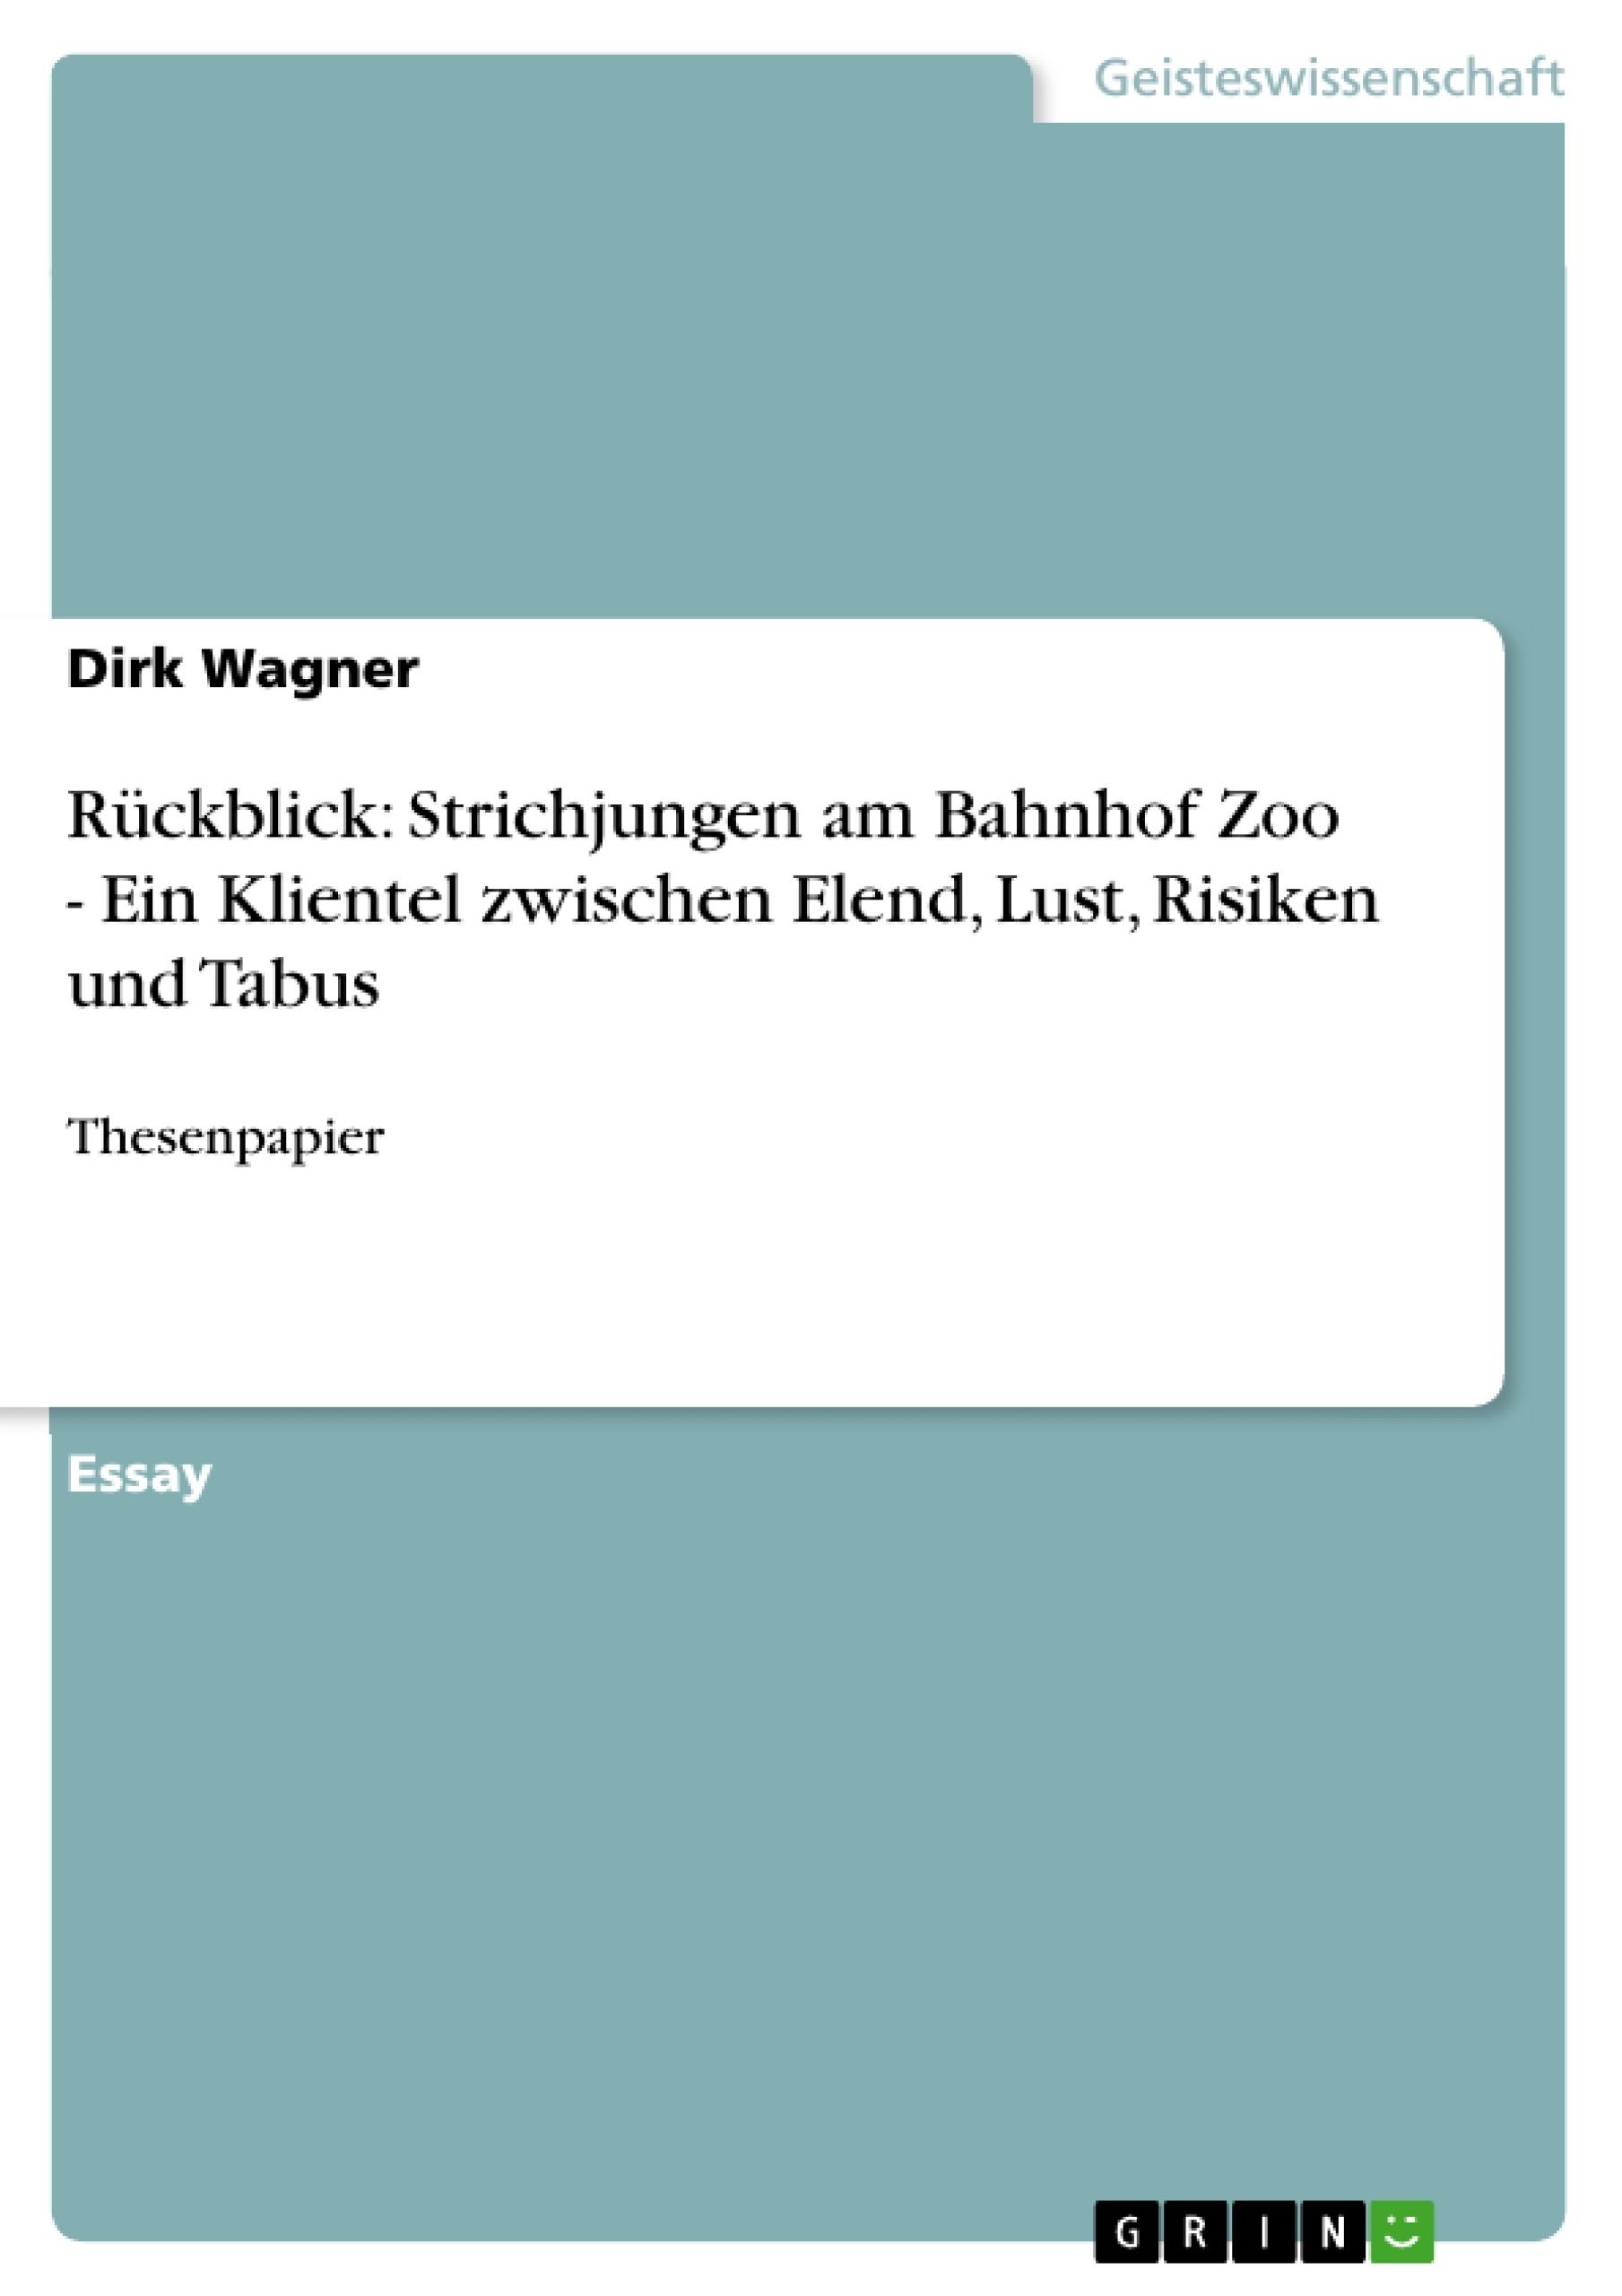 Titel: Rückblick: Strichjungen am Bahnhof Zoo - Ein Klientel zwischen Elend, Lust, Risiken und Tabus